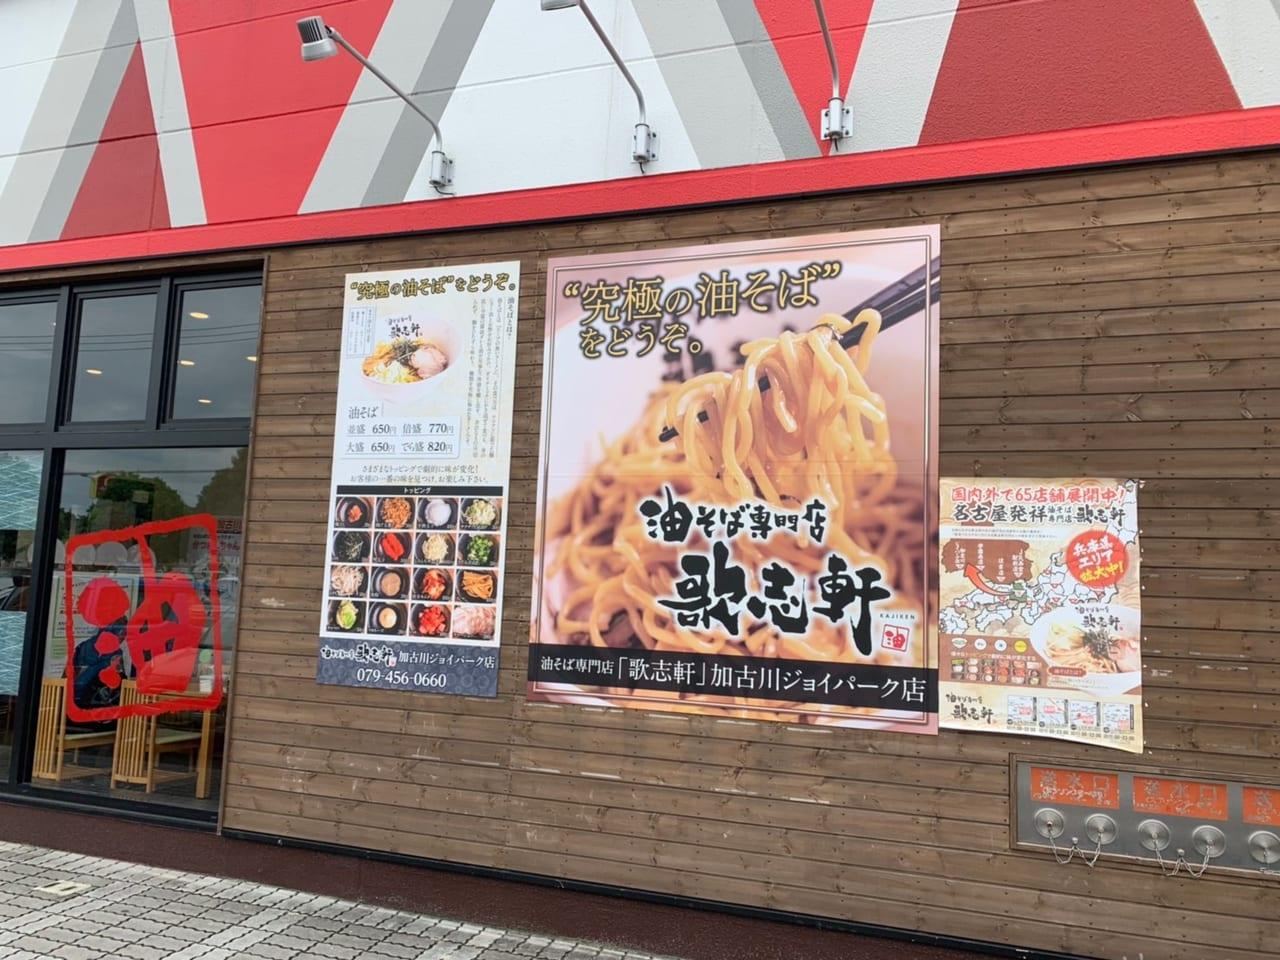 【加古川市】かつめしちゃんグッズ&限定メニューがあると聞き、行ってみました!最新情報あります。